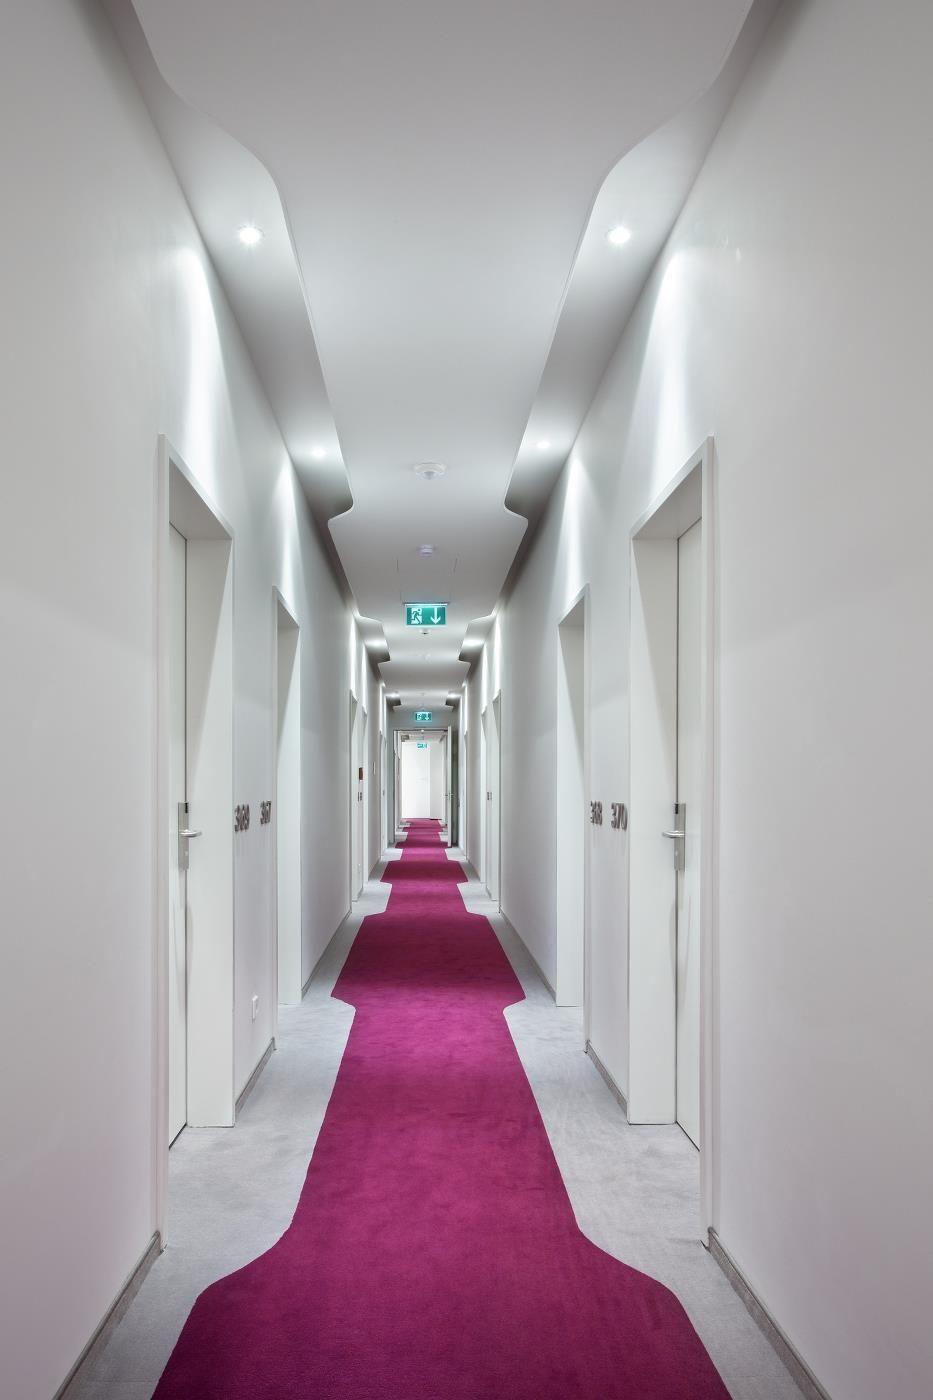 Pingl par cindy levesque sur couloirs bo pinterest couloir hall et moquette - Tapis hall d immeuble ...